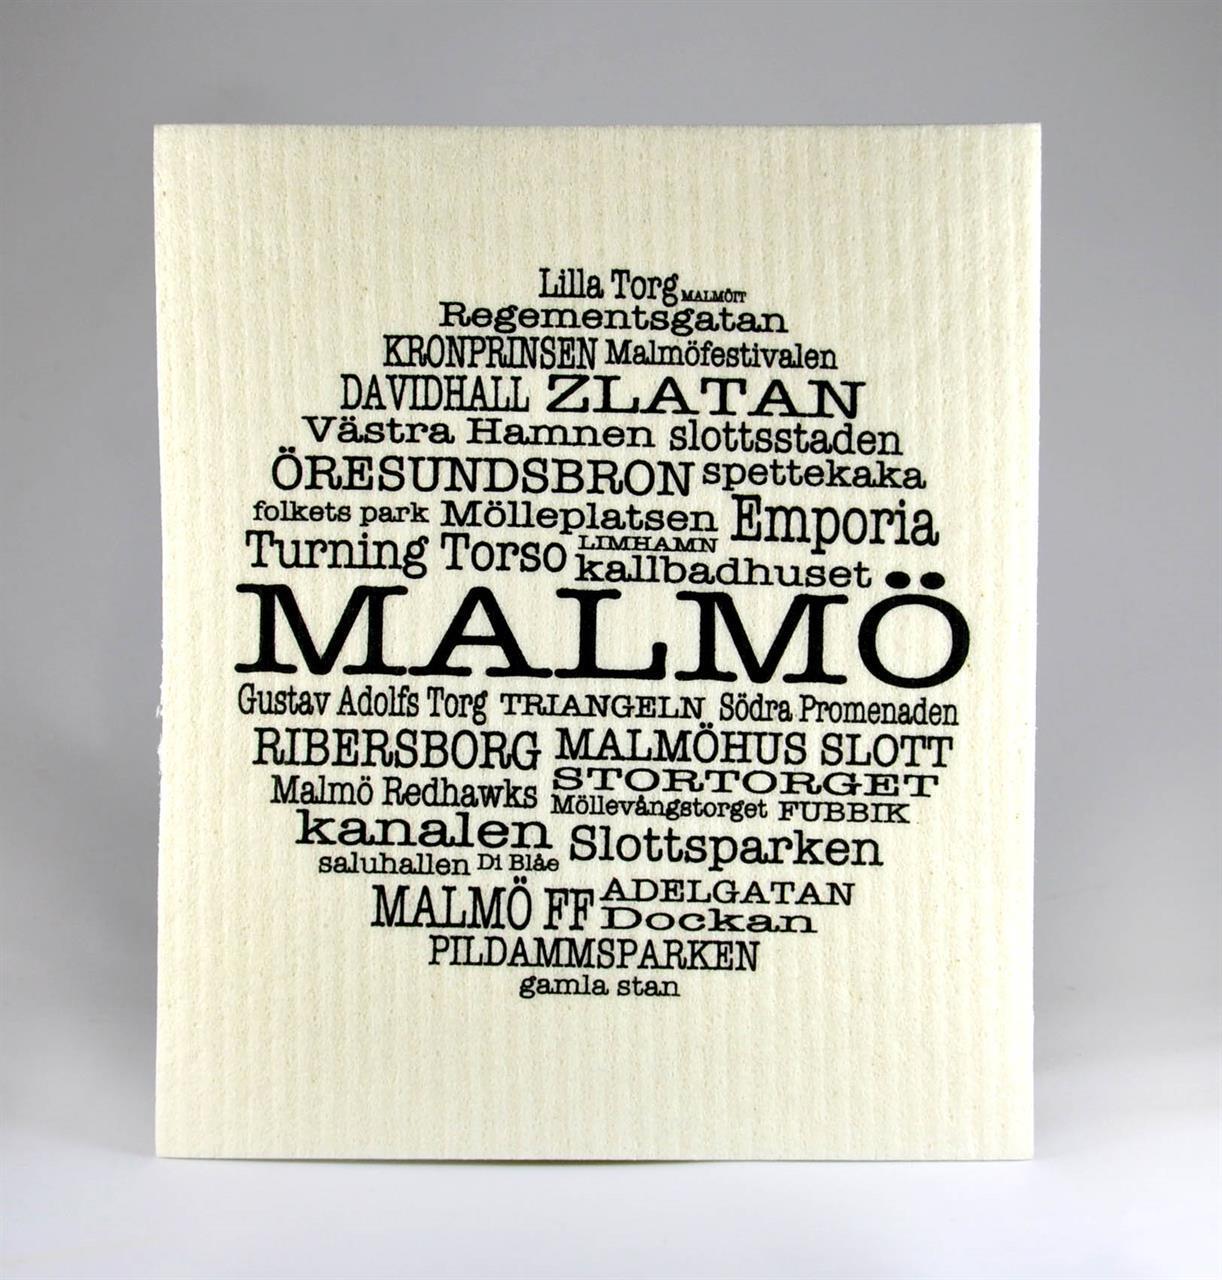 Disktrasa, Malmö, vit/svart text